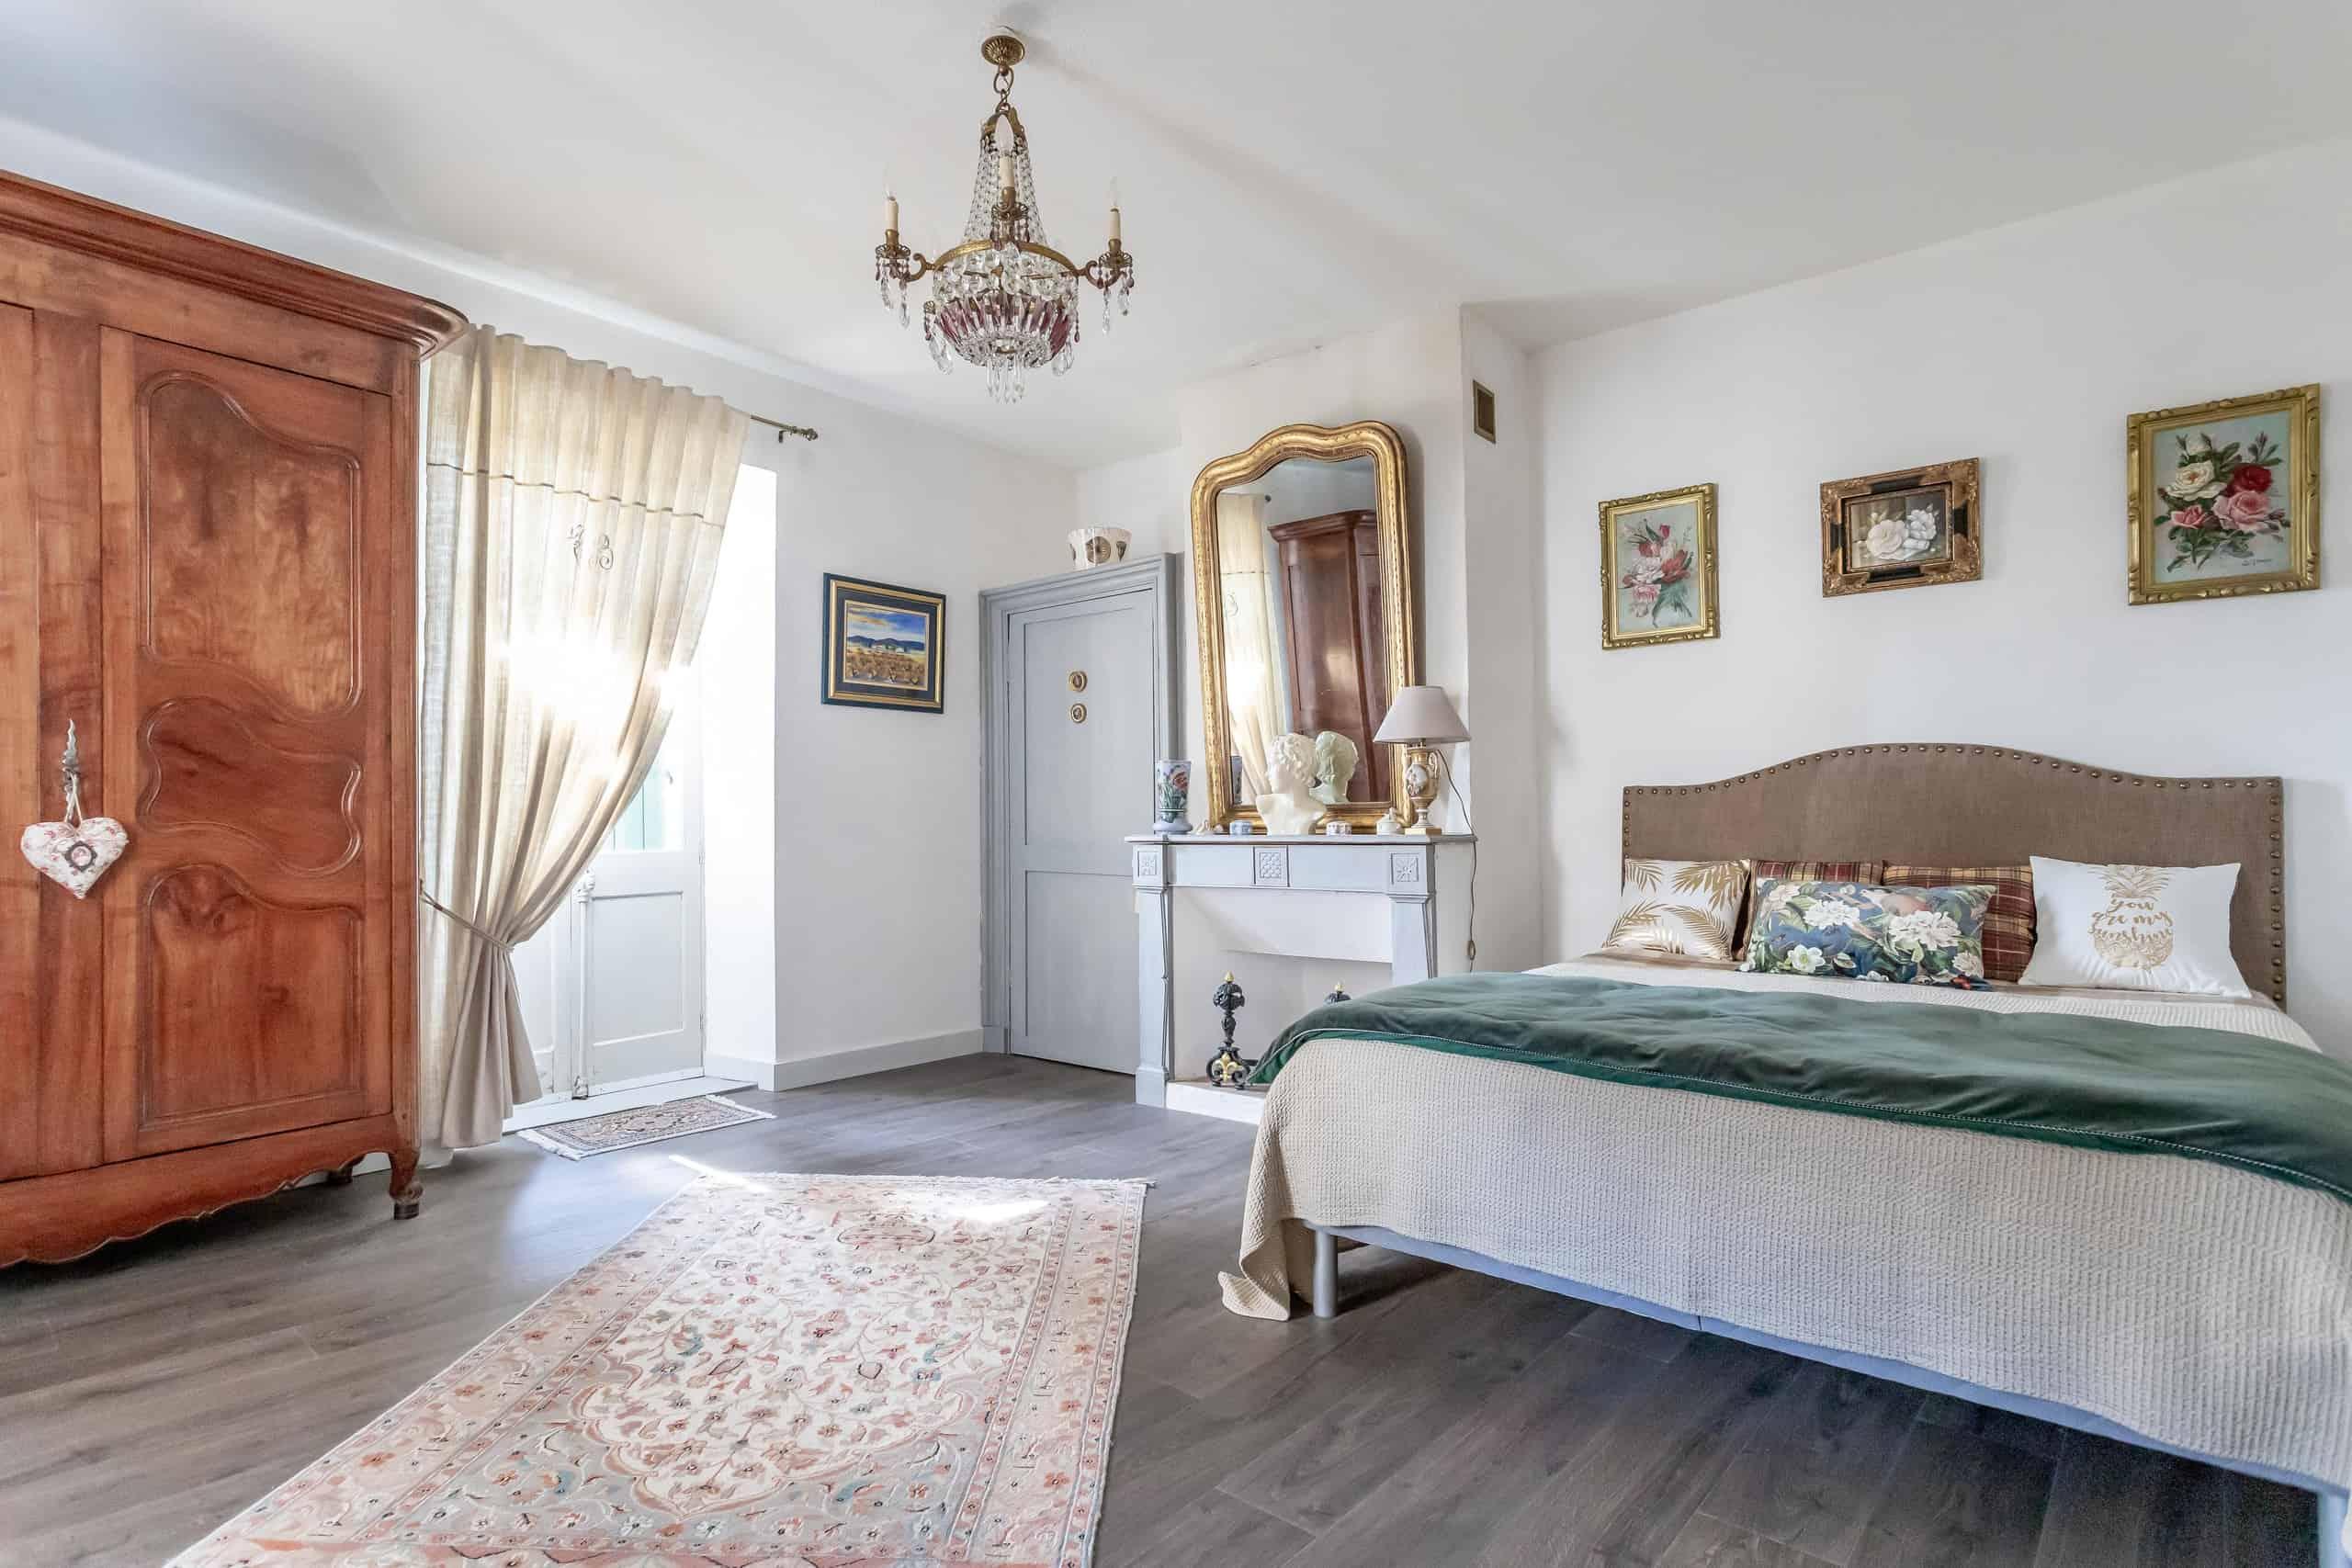 Bedroom-WMC096